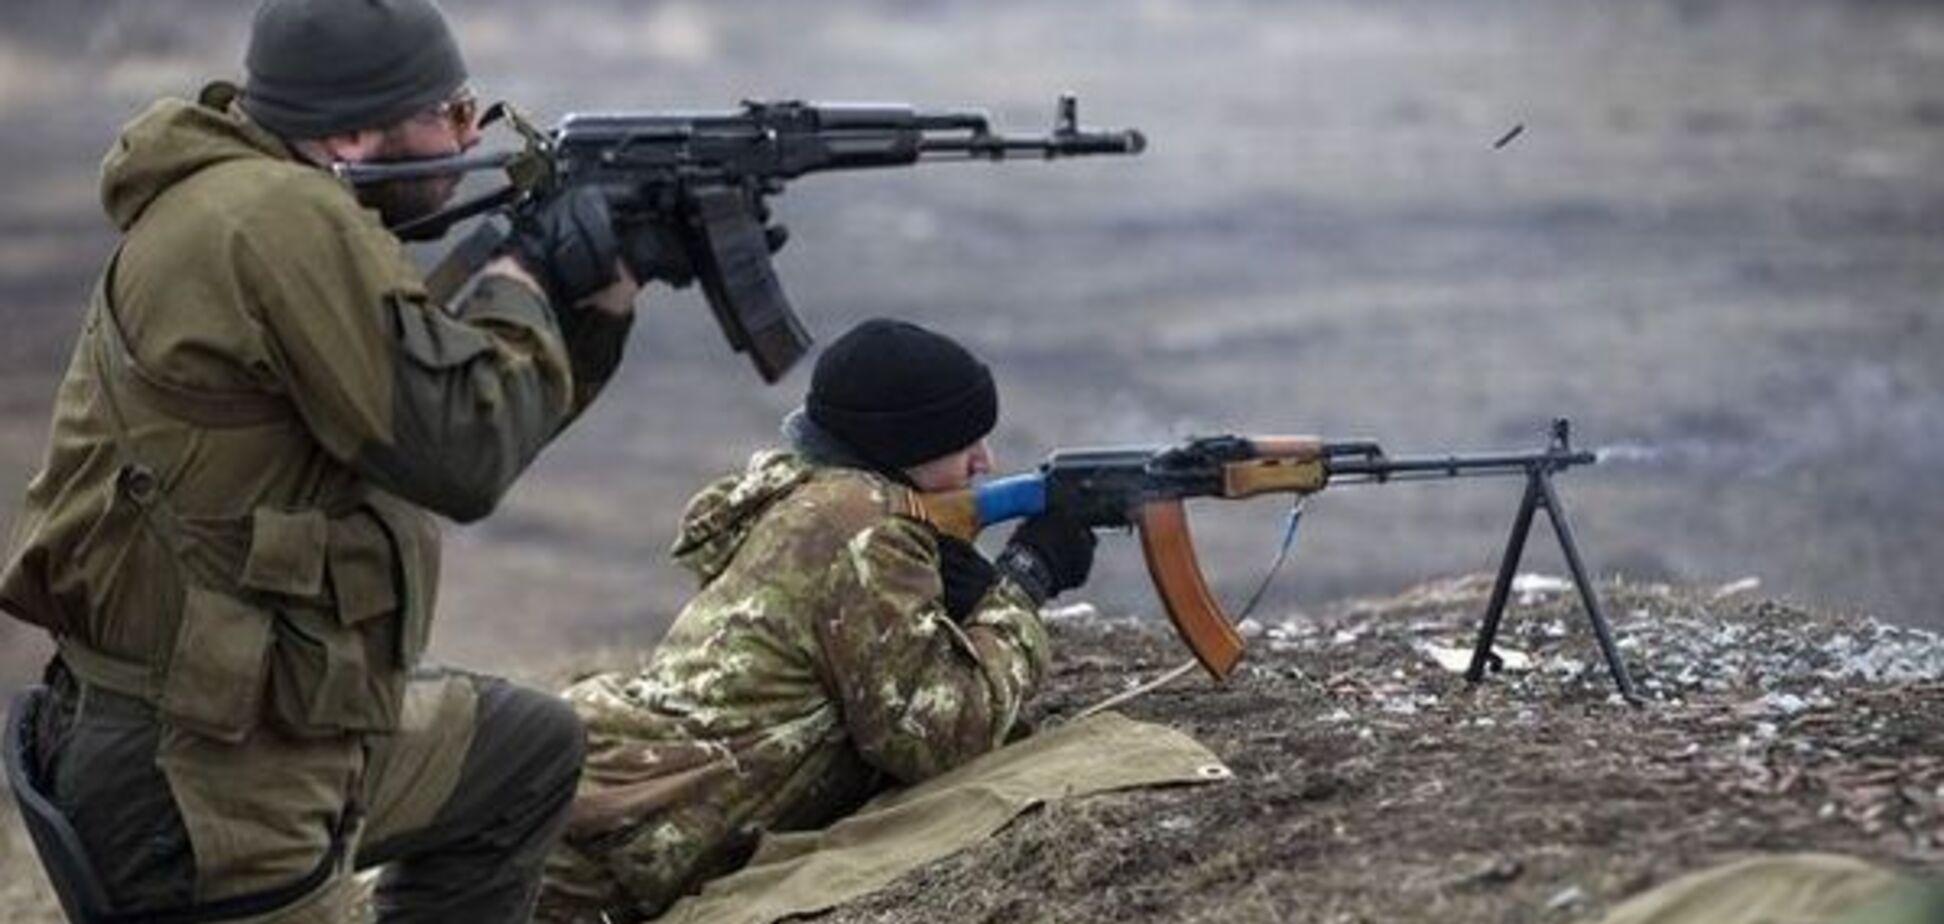 Є вбиті й поранені: Росія зазнала серйозних втрат на Донбасі